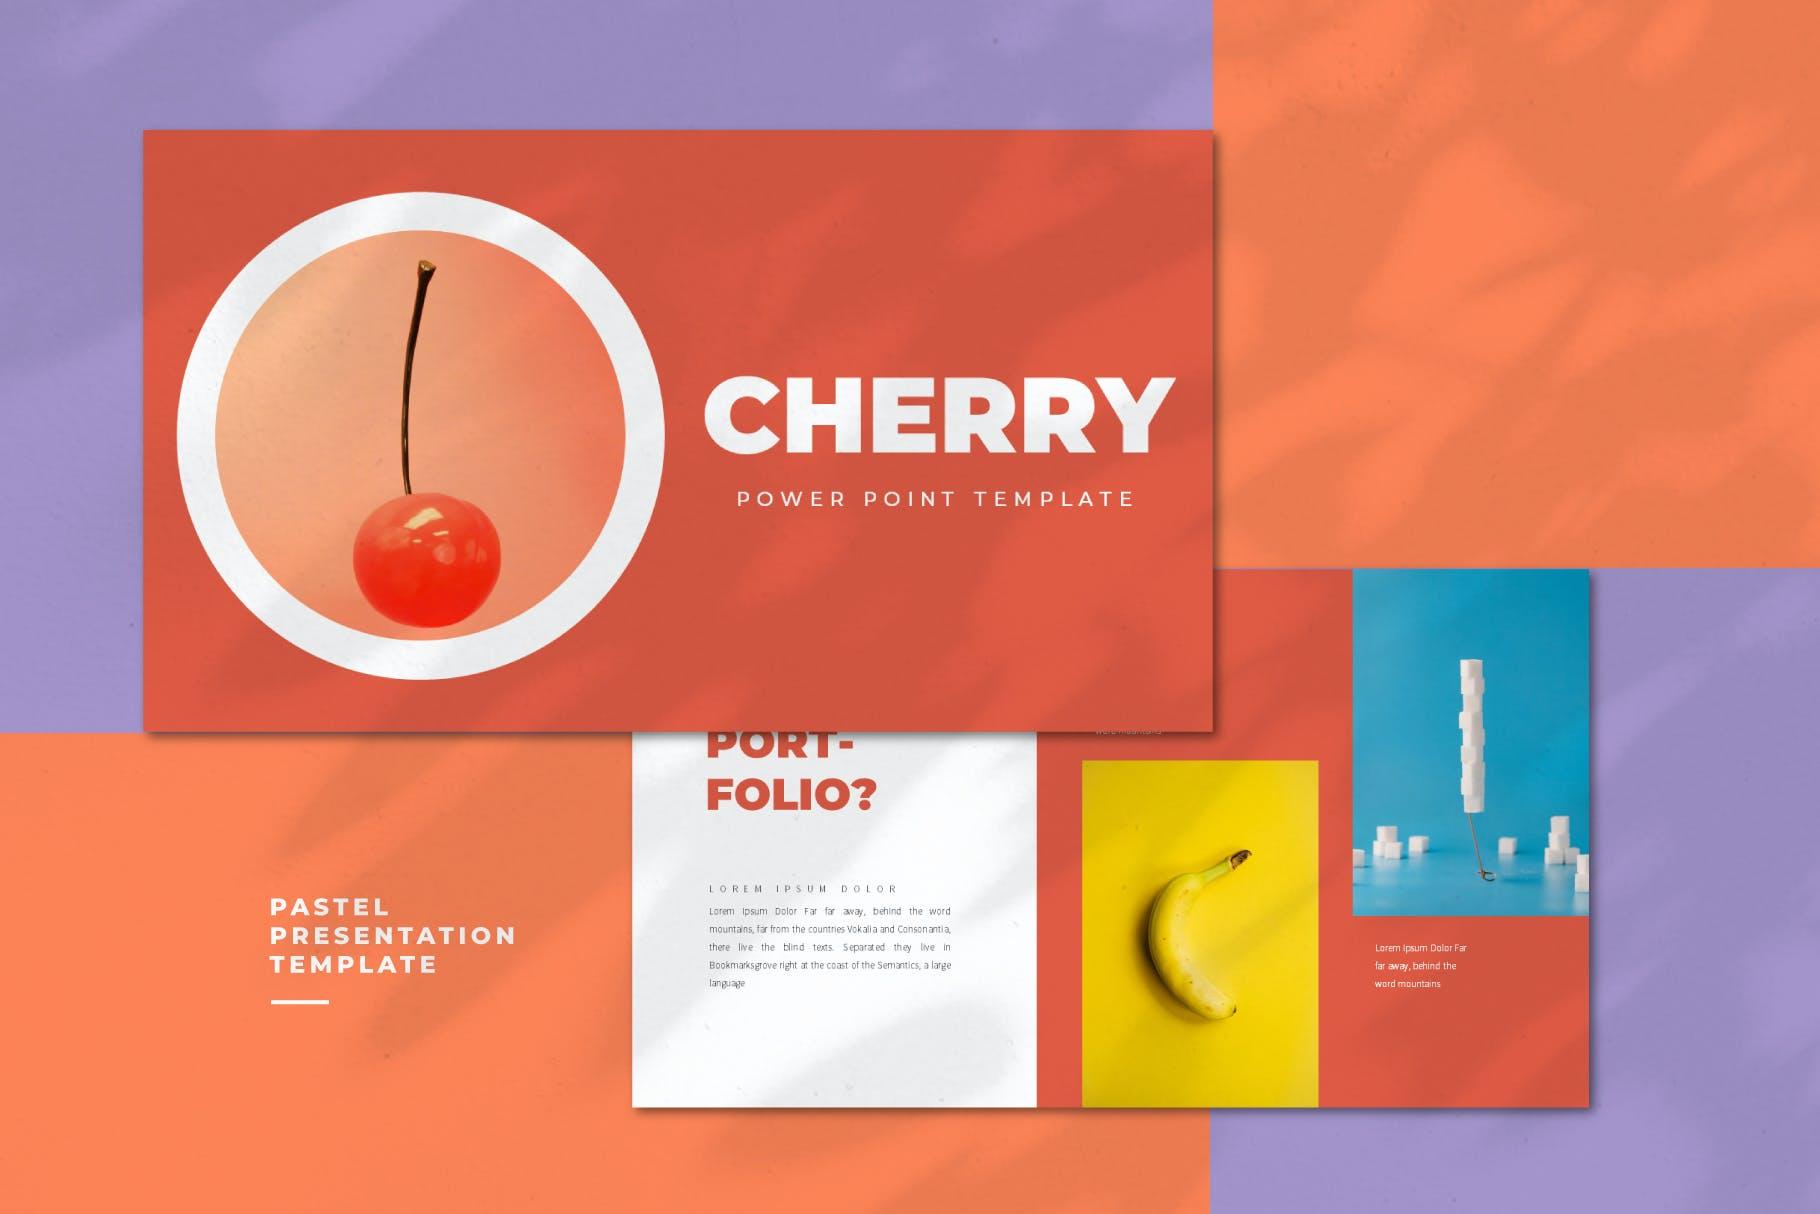 女装品牌樱桃主题PowerPoint演示模板 Cherry – Powerpoint Template设计素材模板